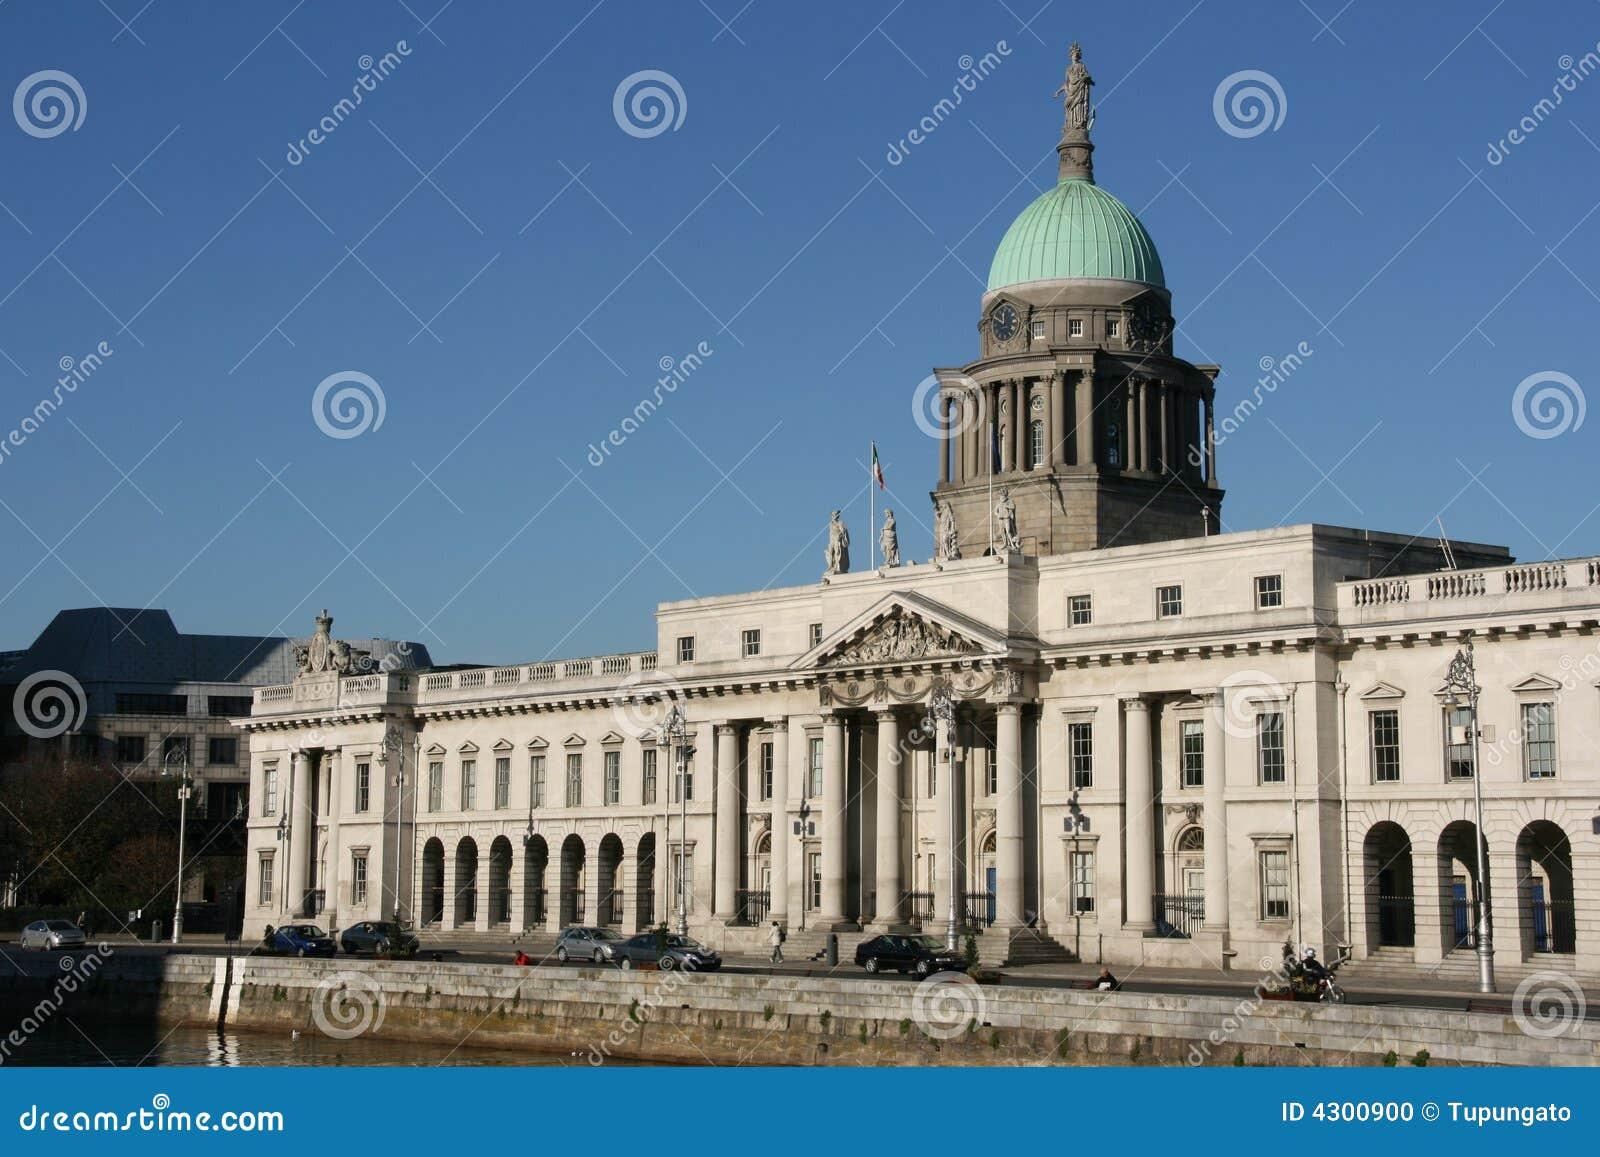 Dublin landmark